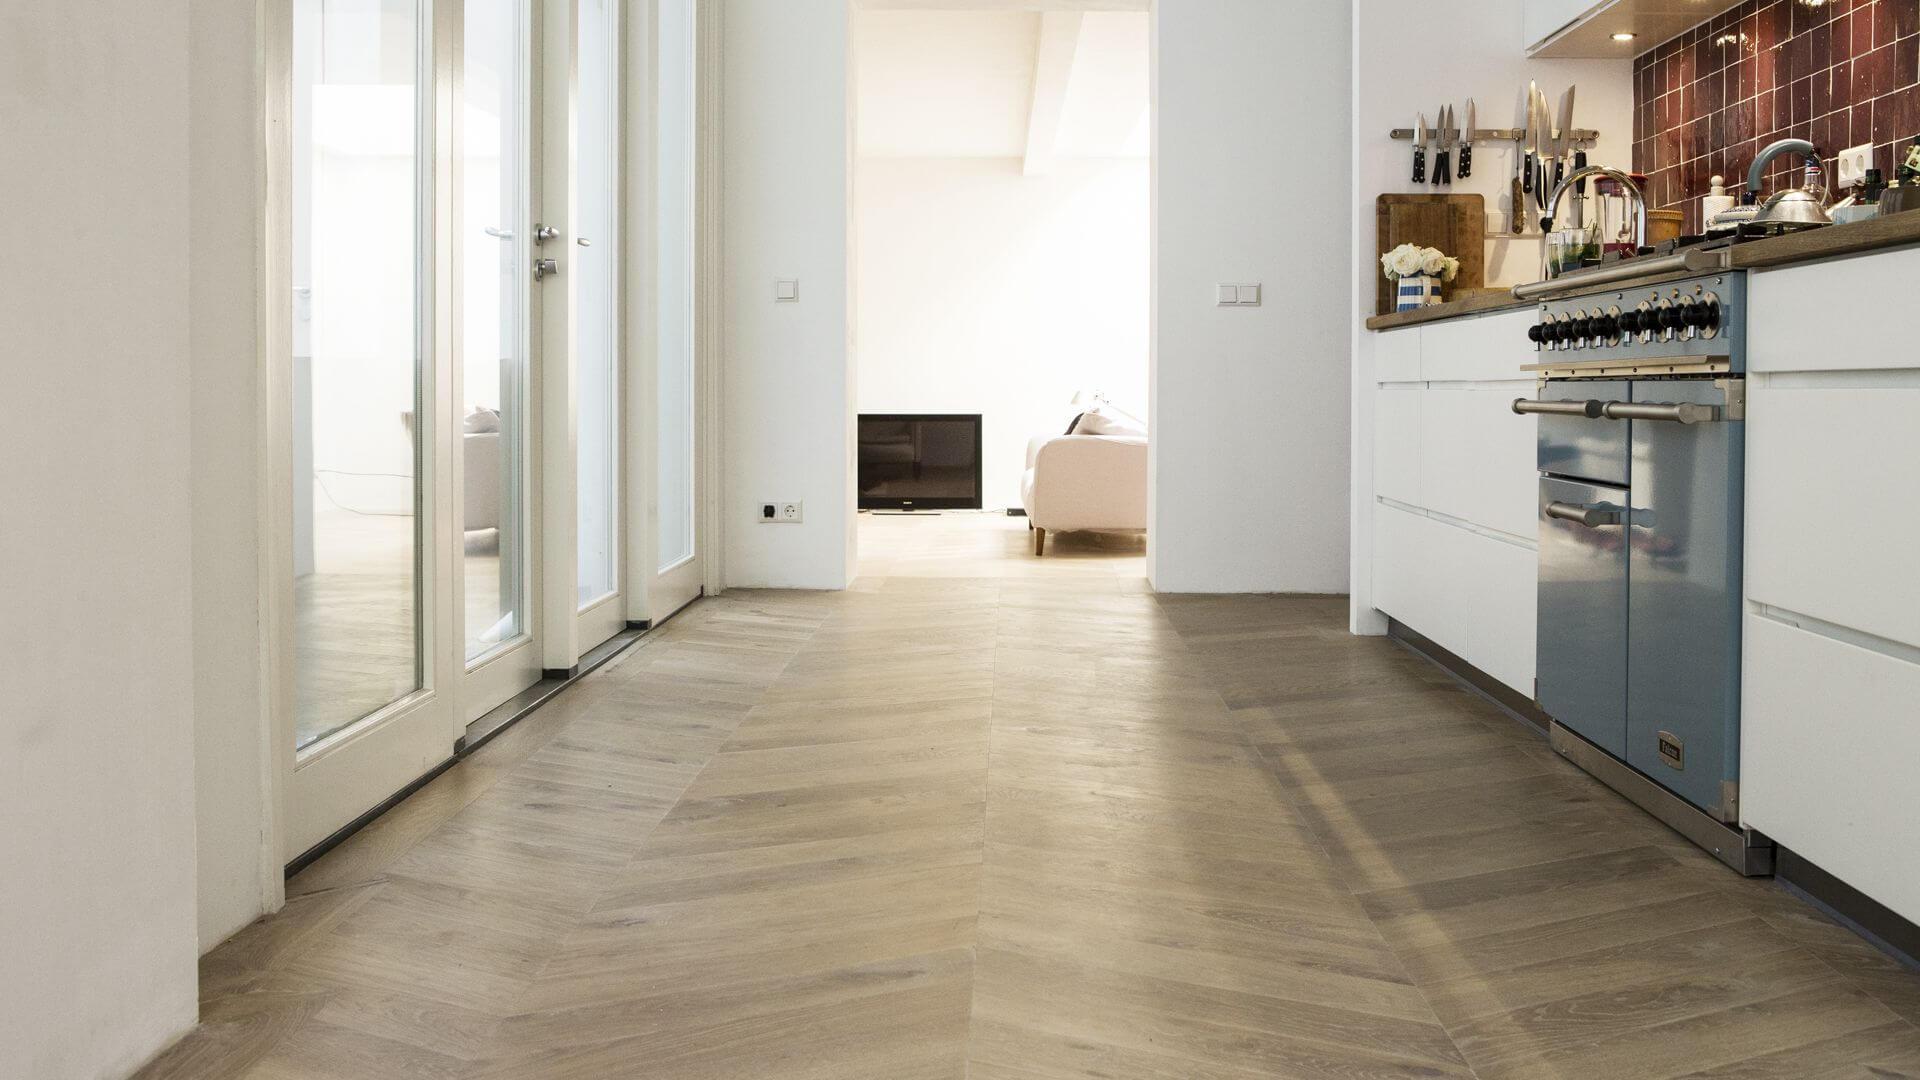 chevron pattern kitchen uipkes wood flooring